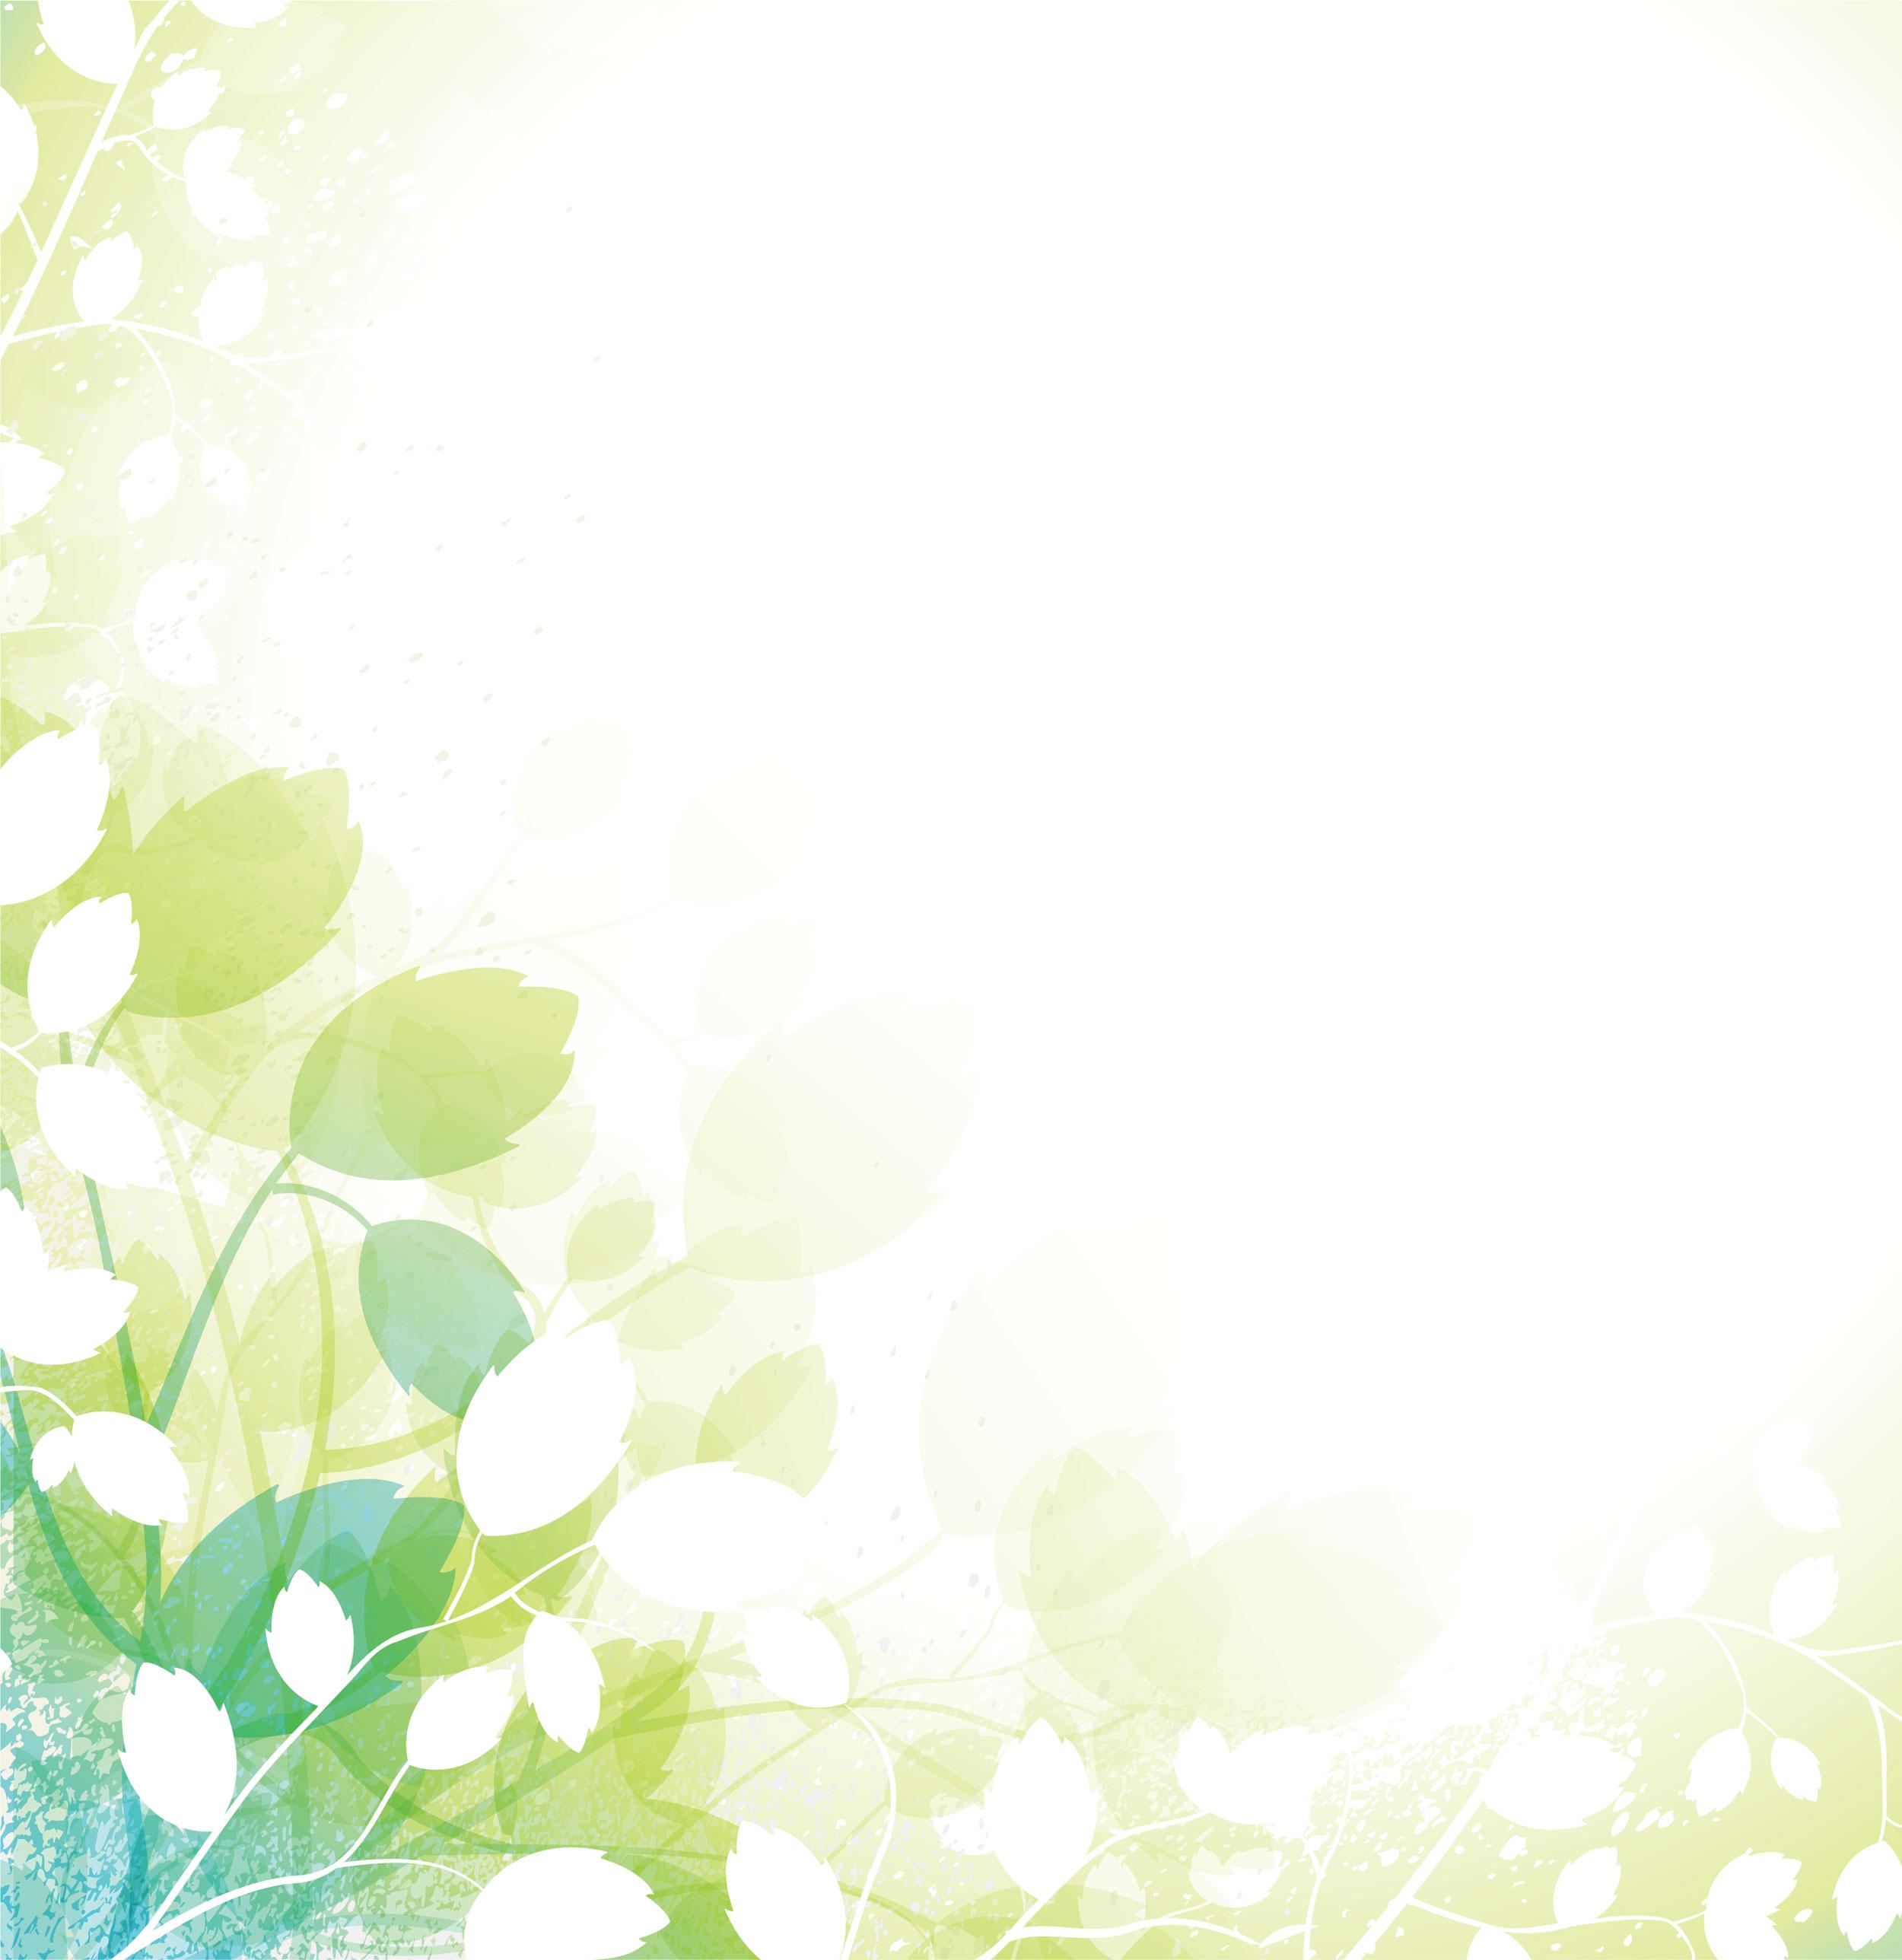 葉っぱや草木のイラスト/壁紙・背景no.053『白と緑の茎葉・淡い』